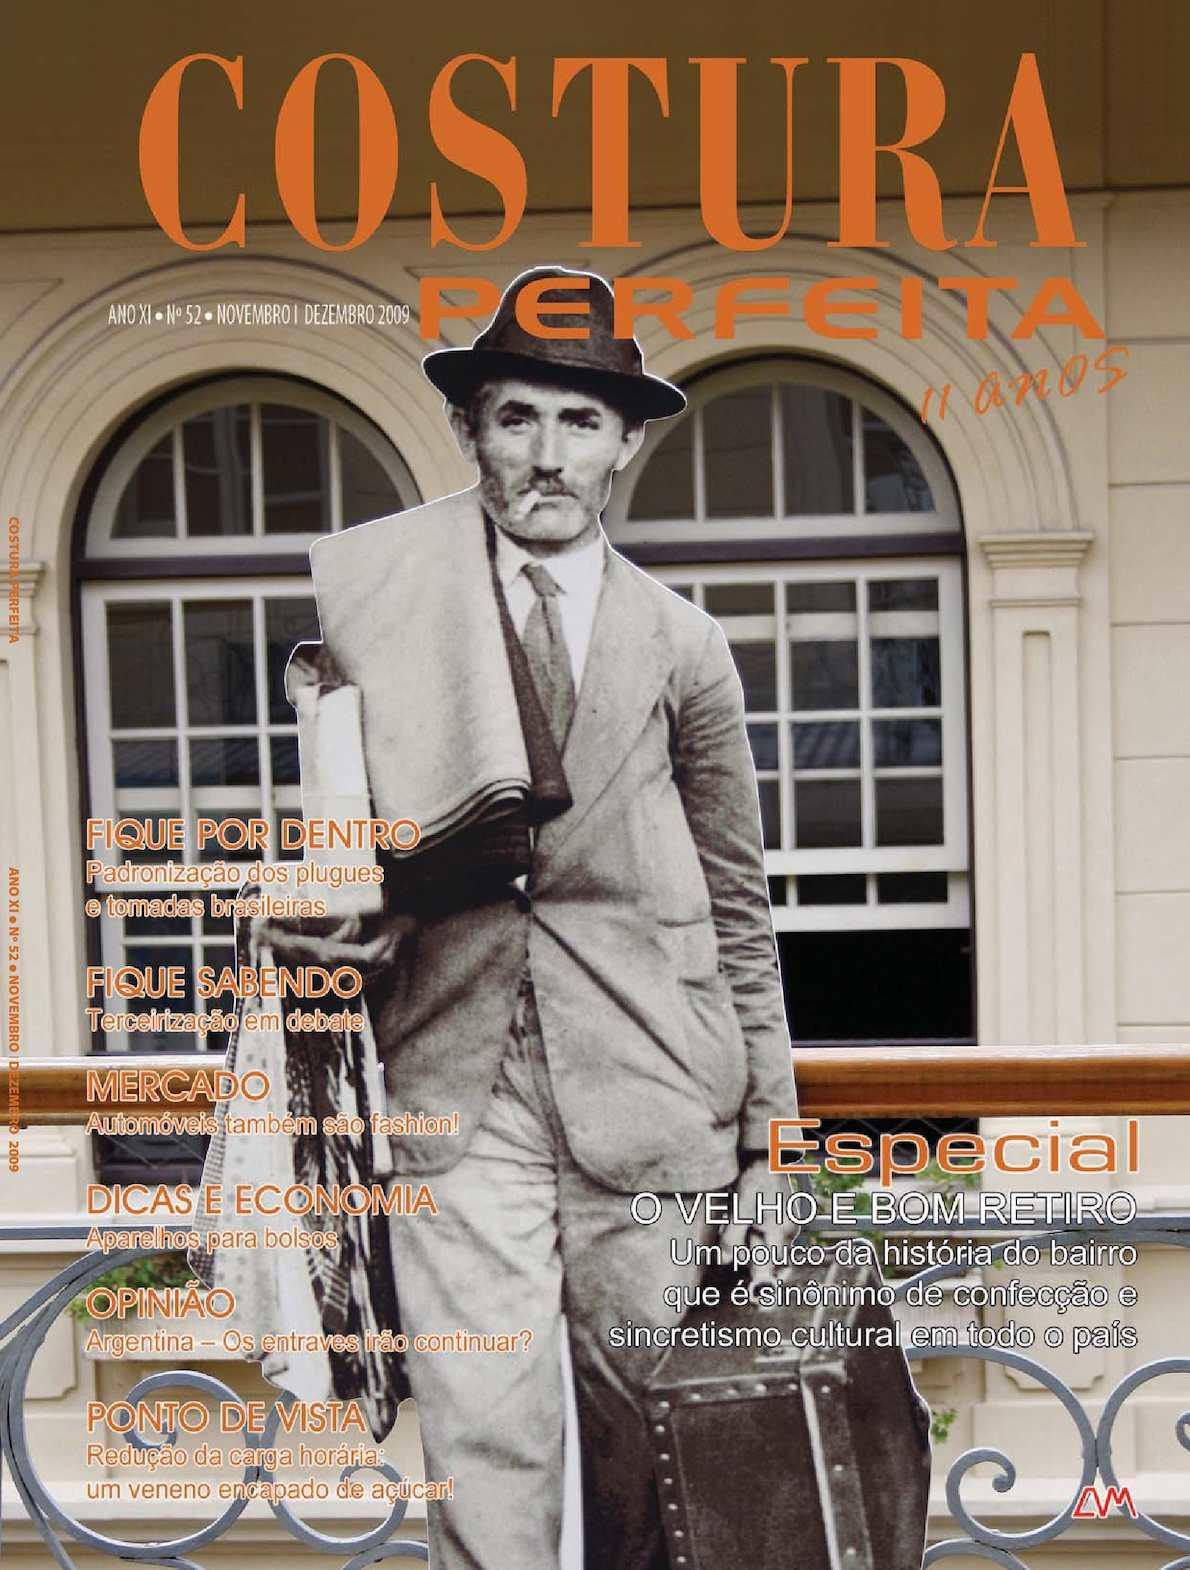 782db9bfd Calaméo - Revista Costura Perfeita Edição Ano XI - N52 - Novembro-Dezembro  2010